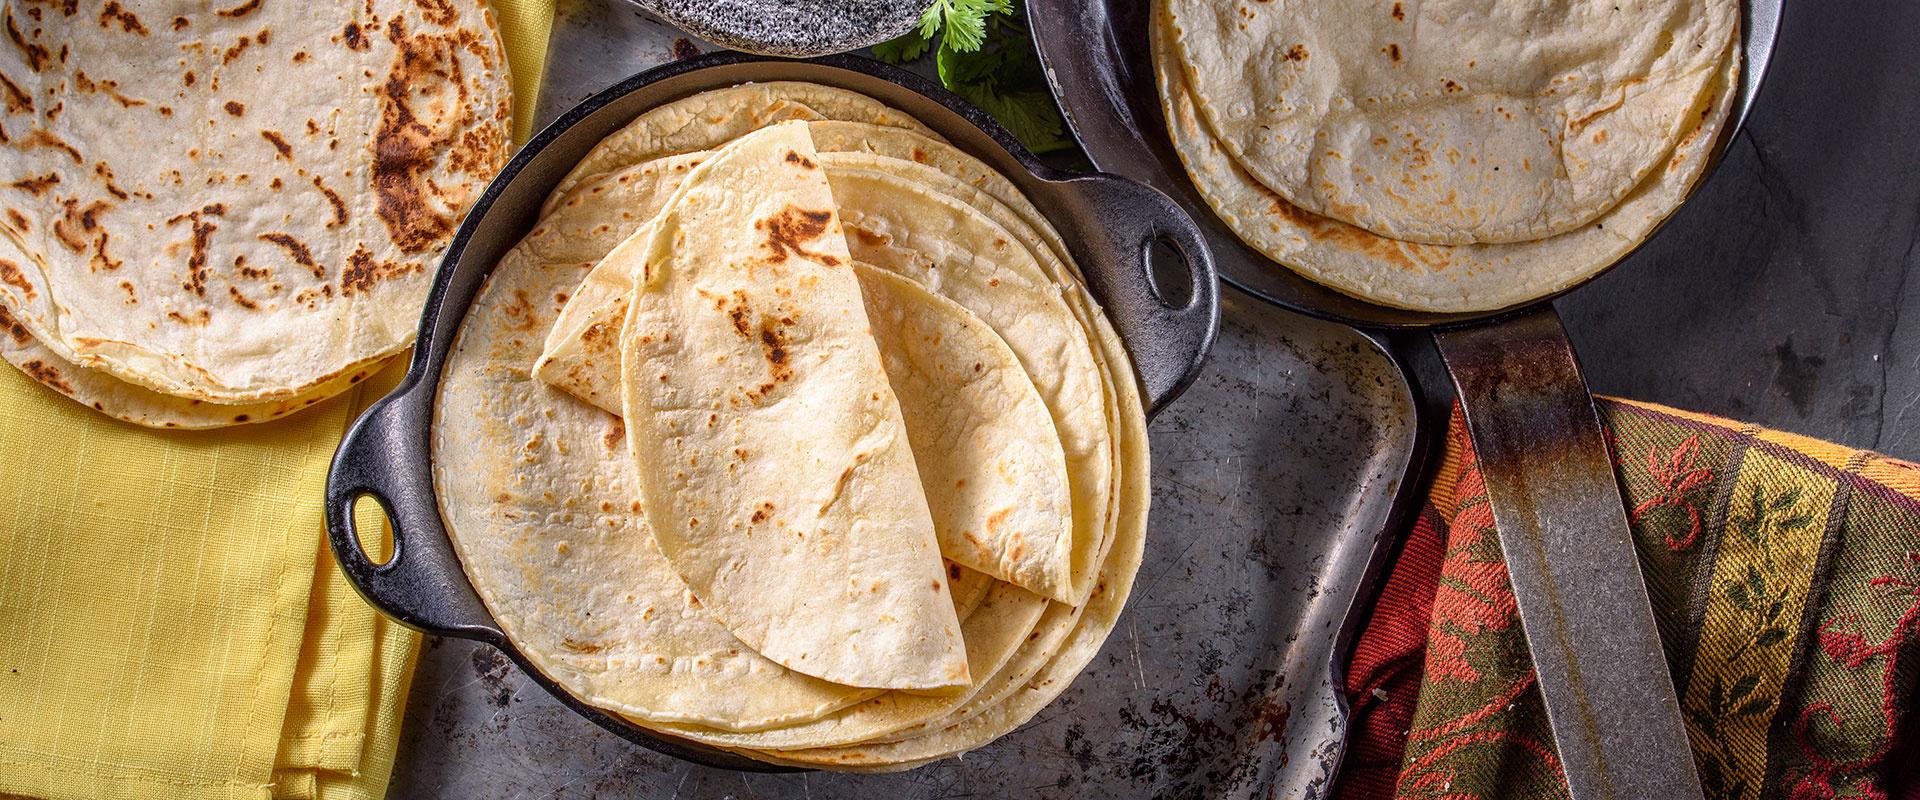 tortillalap2